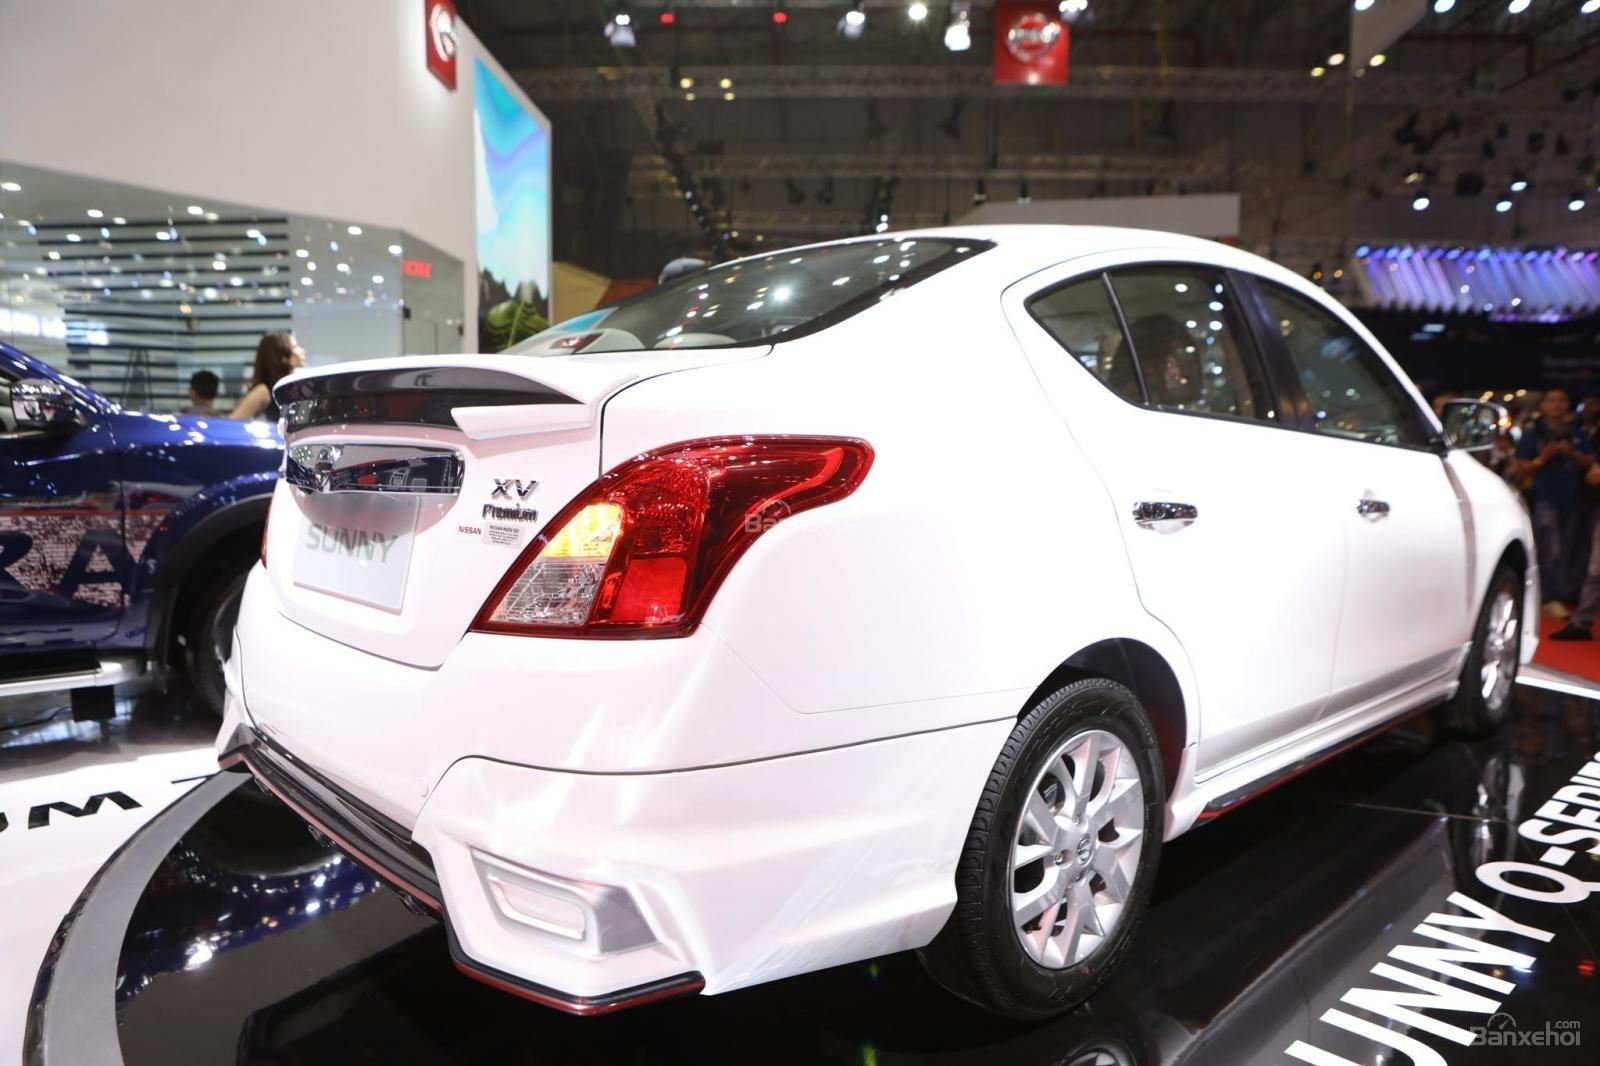 Bán xe Nissan Sunny 2019 GIÁ SIÊU HẤP DẪN tặng BHTV + bộ PK 15tr-11